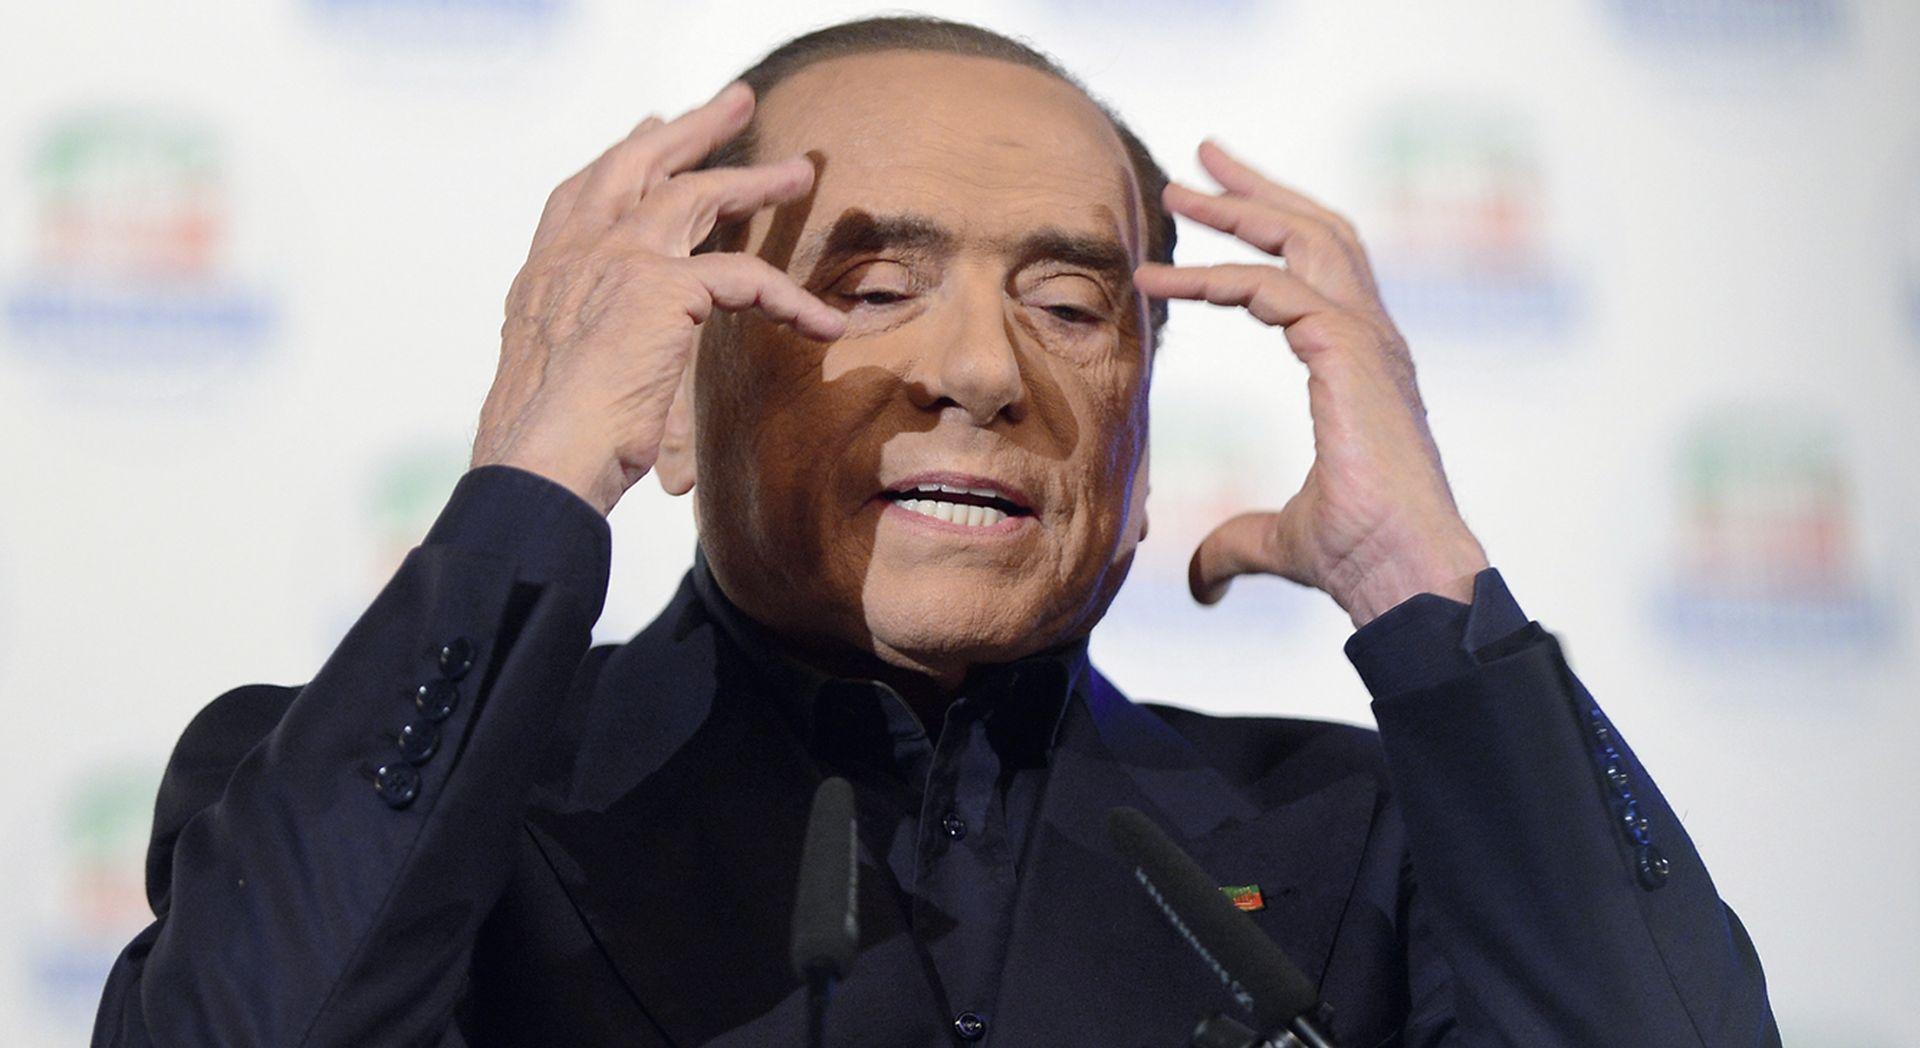 Strah od migranata i nezadovoljstvo mladih vraćaju Berlusconija na vlast